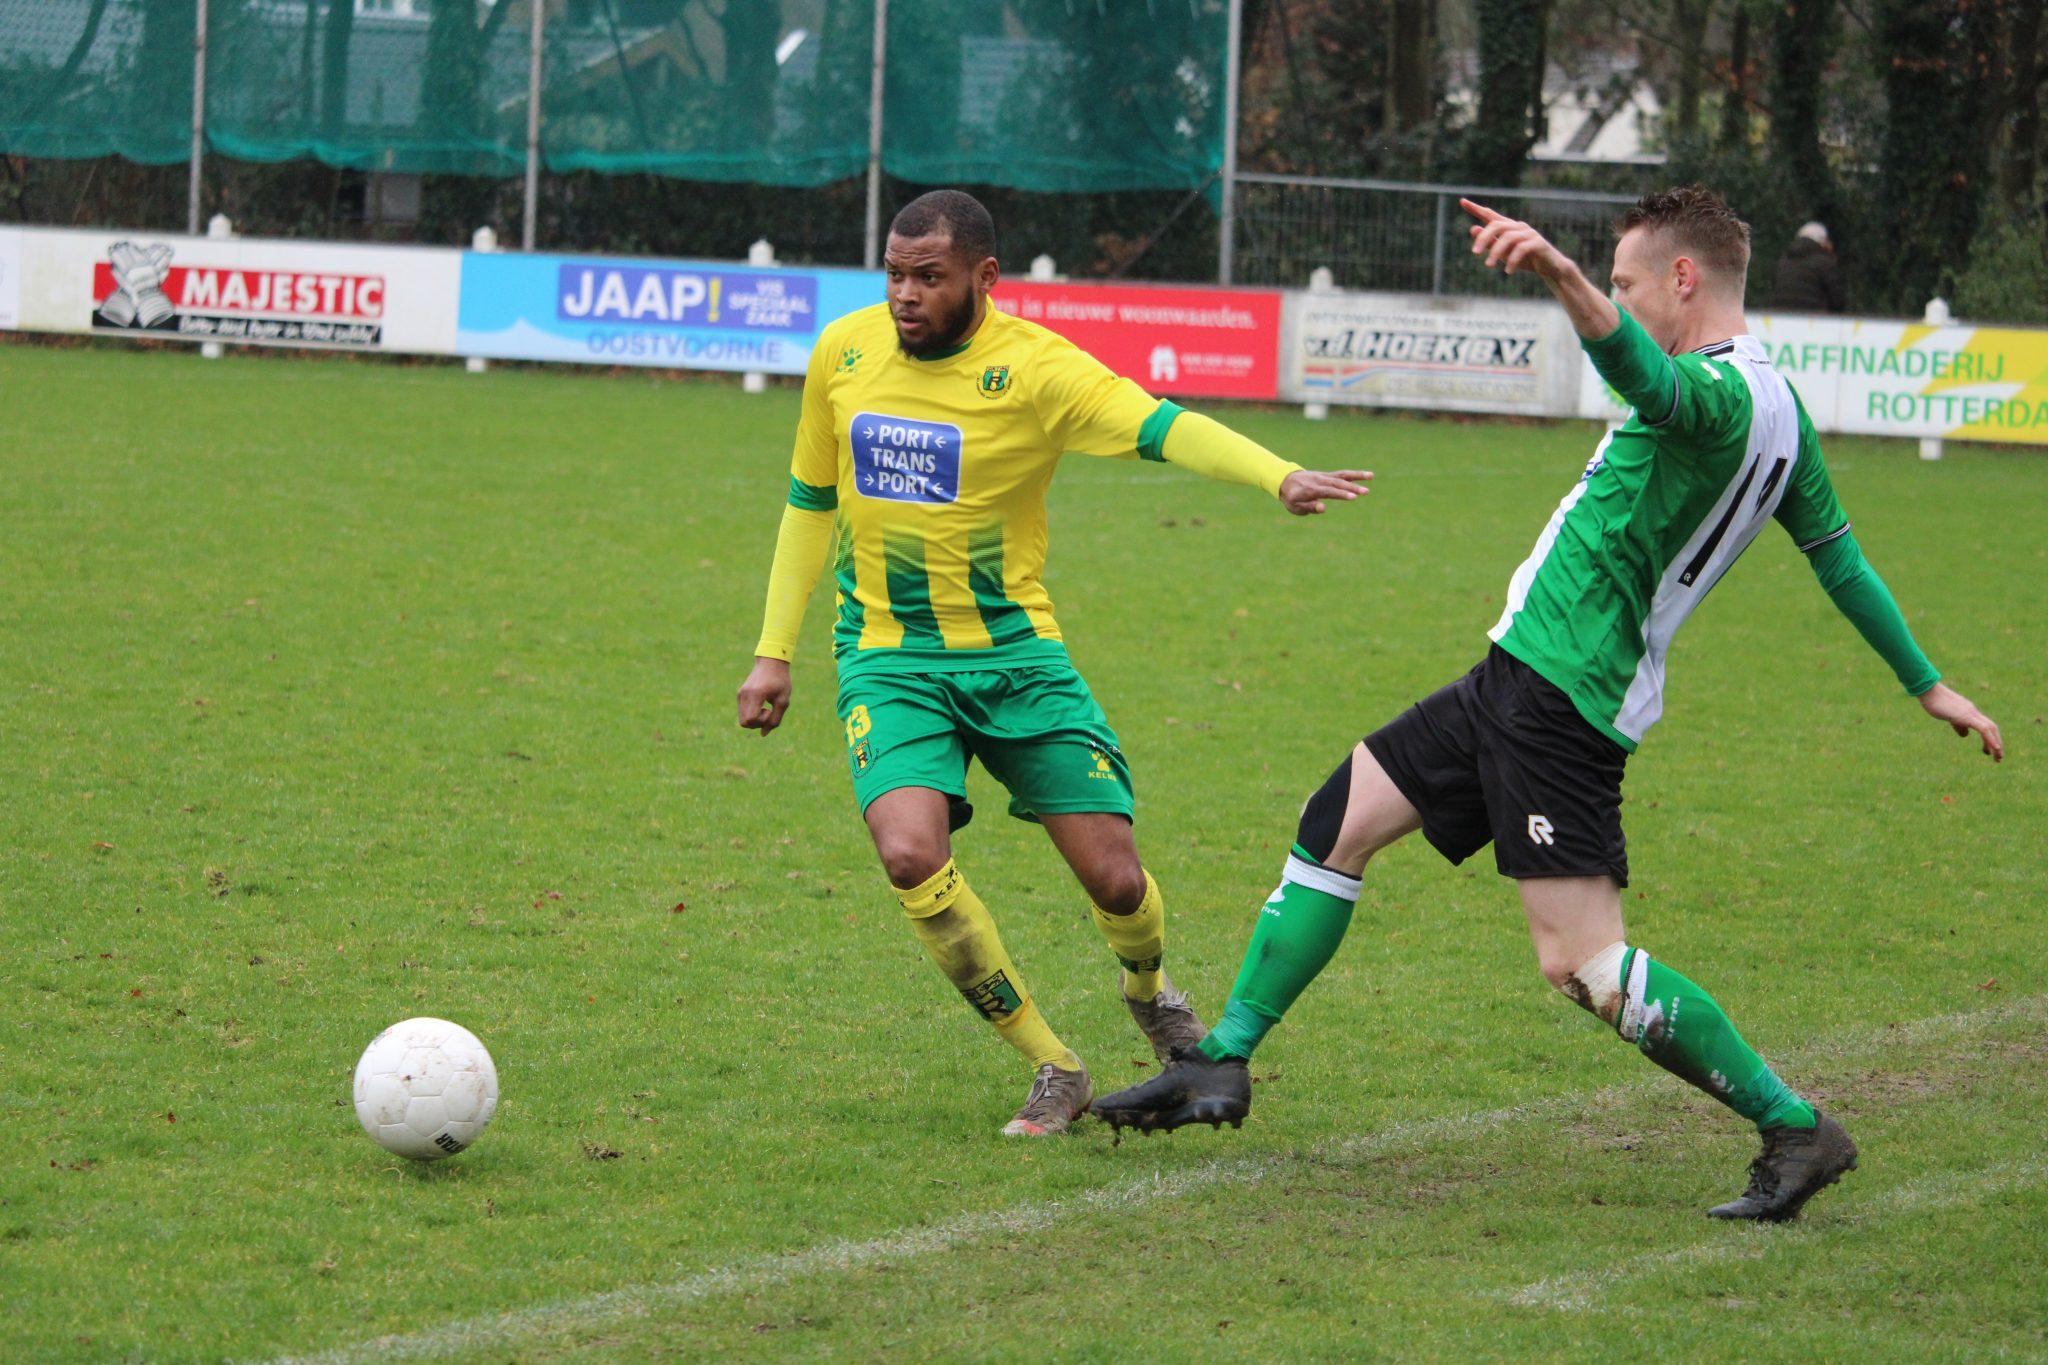 Joshua Olymph verlaat Rijnmond Hoogvliet Sport en gaat voor een nieuwe uitdaging